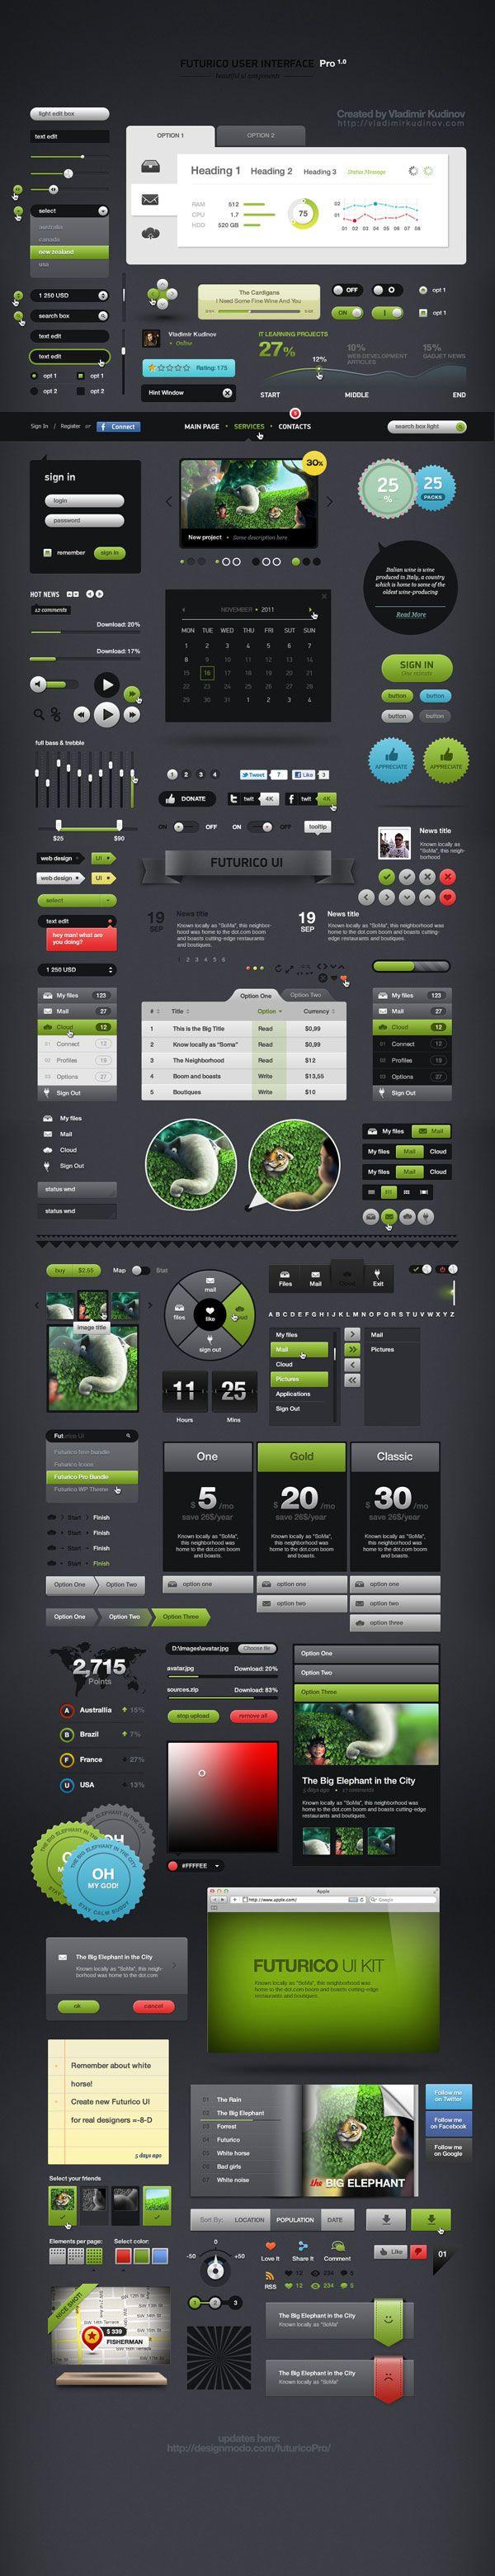 Futurico UI Pro